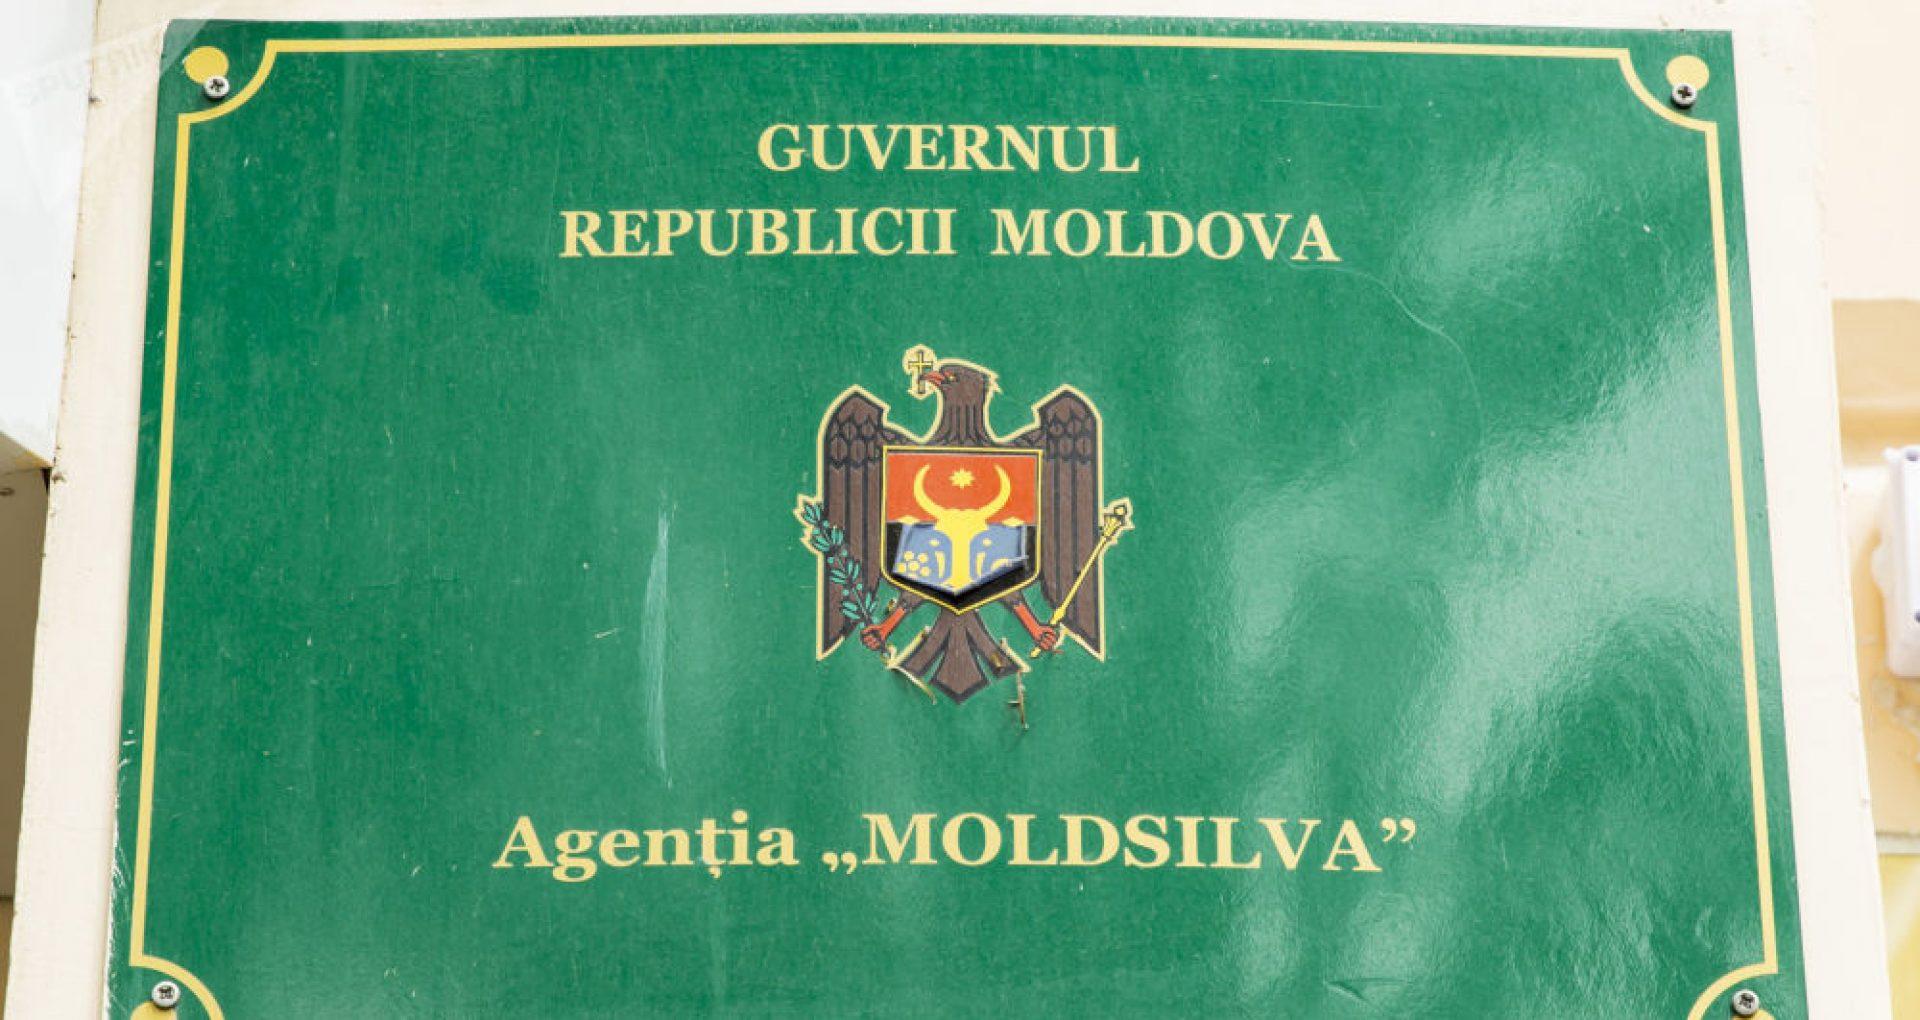 """PAS vrea un grup de lucru pentru investigarea situației de la Moldsilva: """"Se taie cu 40% mai mult lemn decât limita autorizată de Guvern"""""""